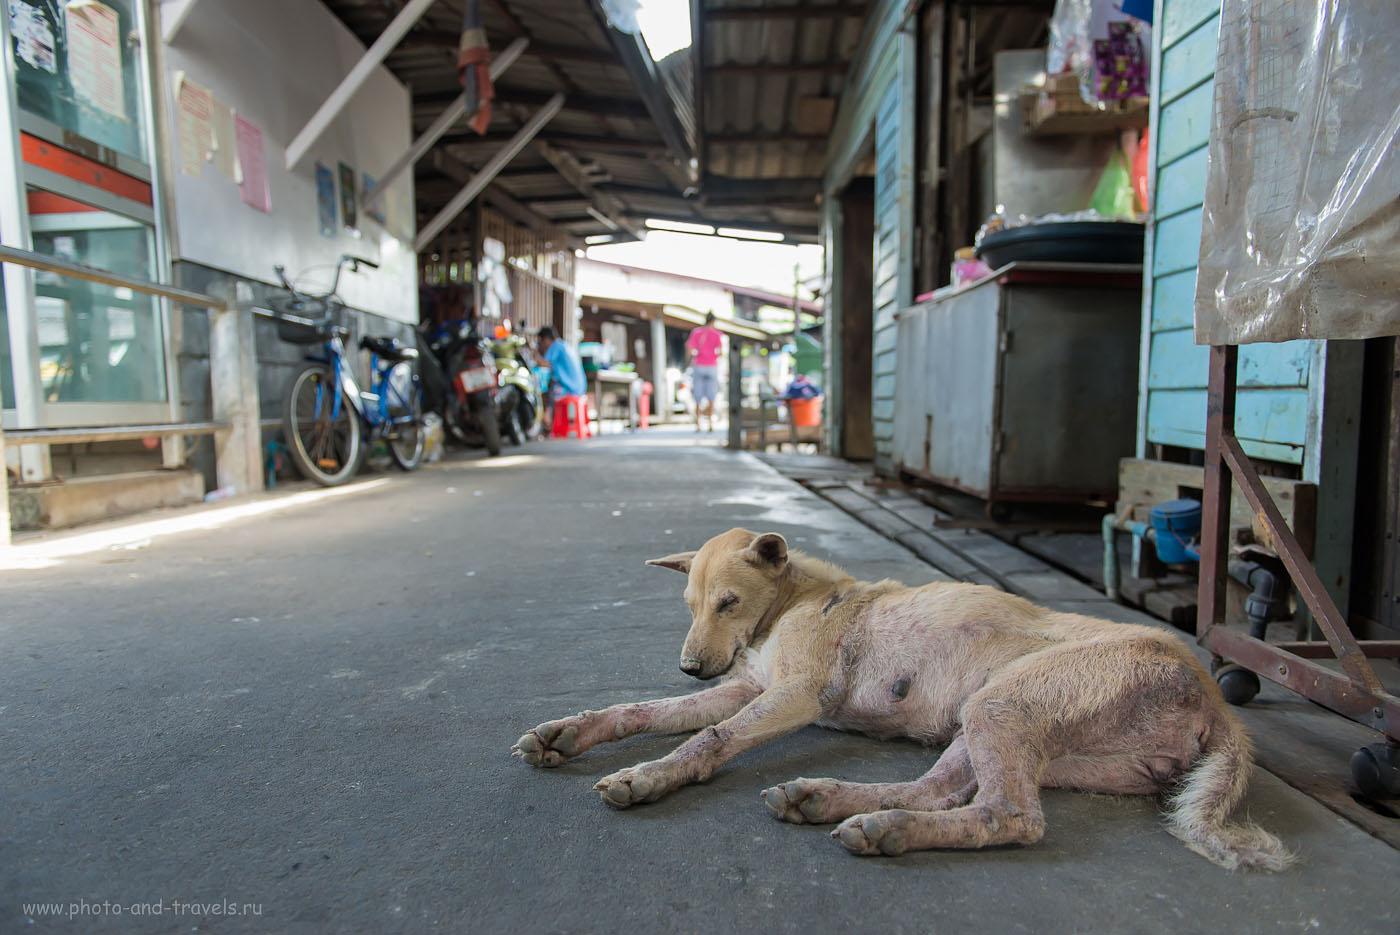 Фото 11. Зомби в тайской деревушке. Как мы ездили по Таиланду самостоятельно (500, 24, 3.2, 1/80)